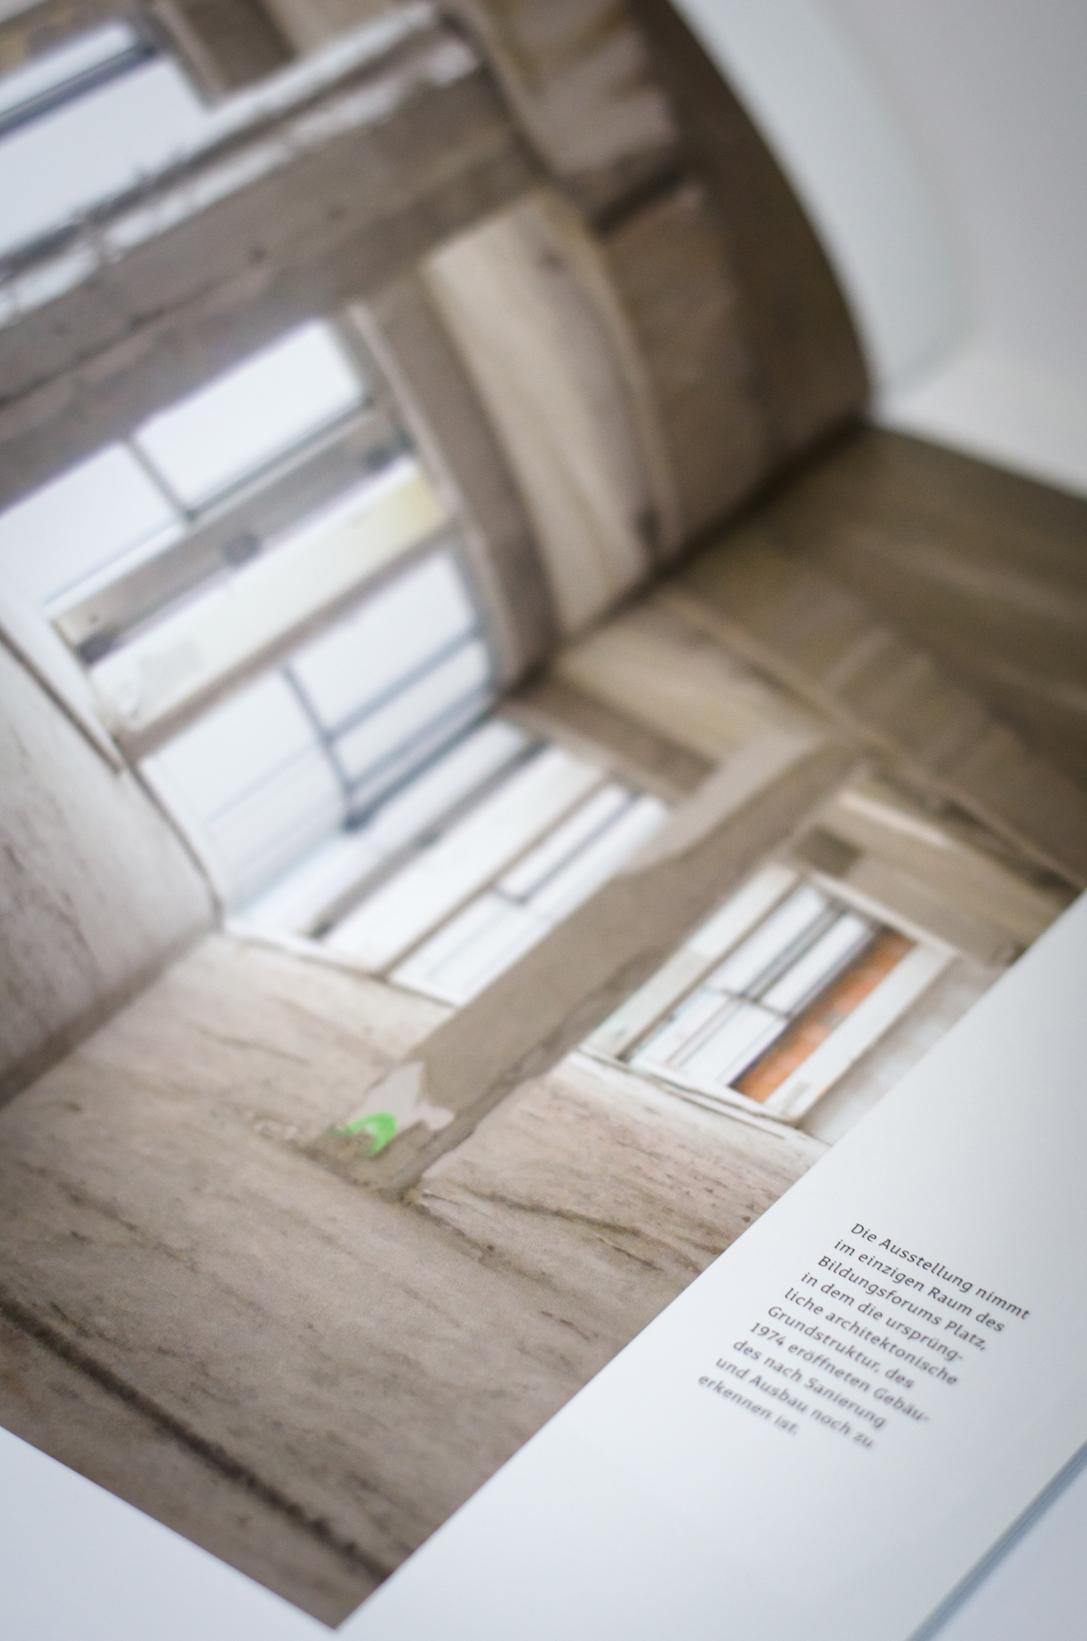 forschungsfenster-broschu%cc%88re_littlerascal_3